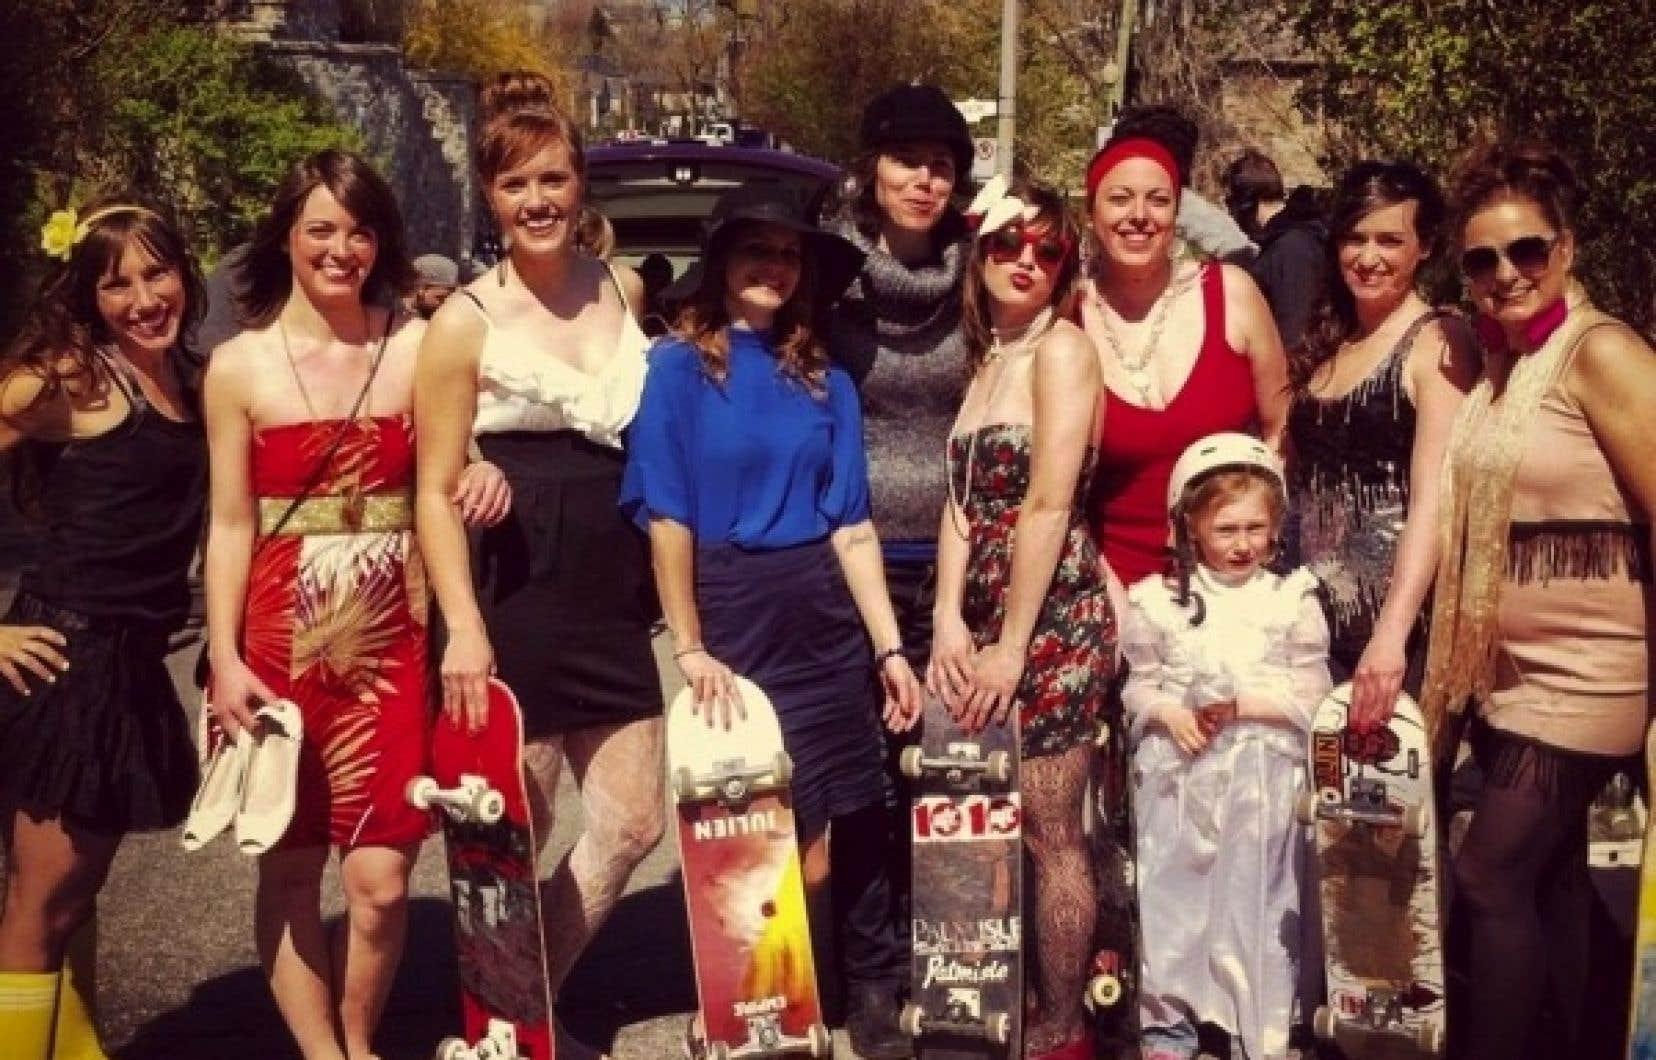 Myriam Verreault (chapeau noir) a réalisé le segment de Montréal, en donnant la vedette à un groupe de filles planchistes, les skirtboarders, qui se battent contre la tyrannie de l'apparence.